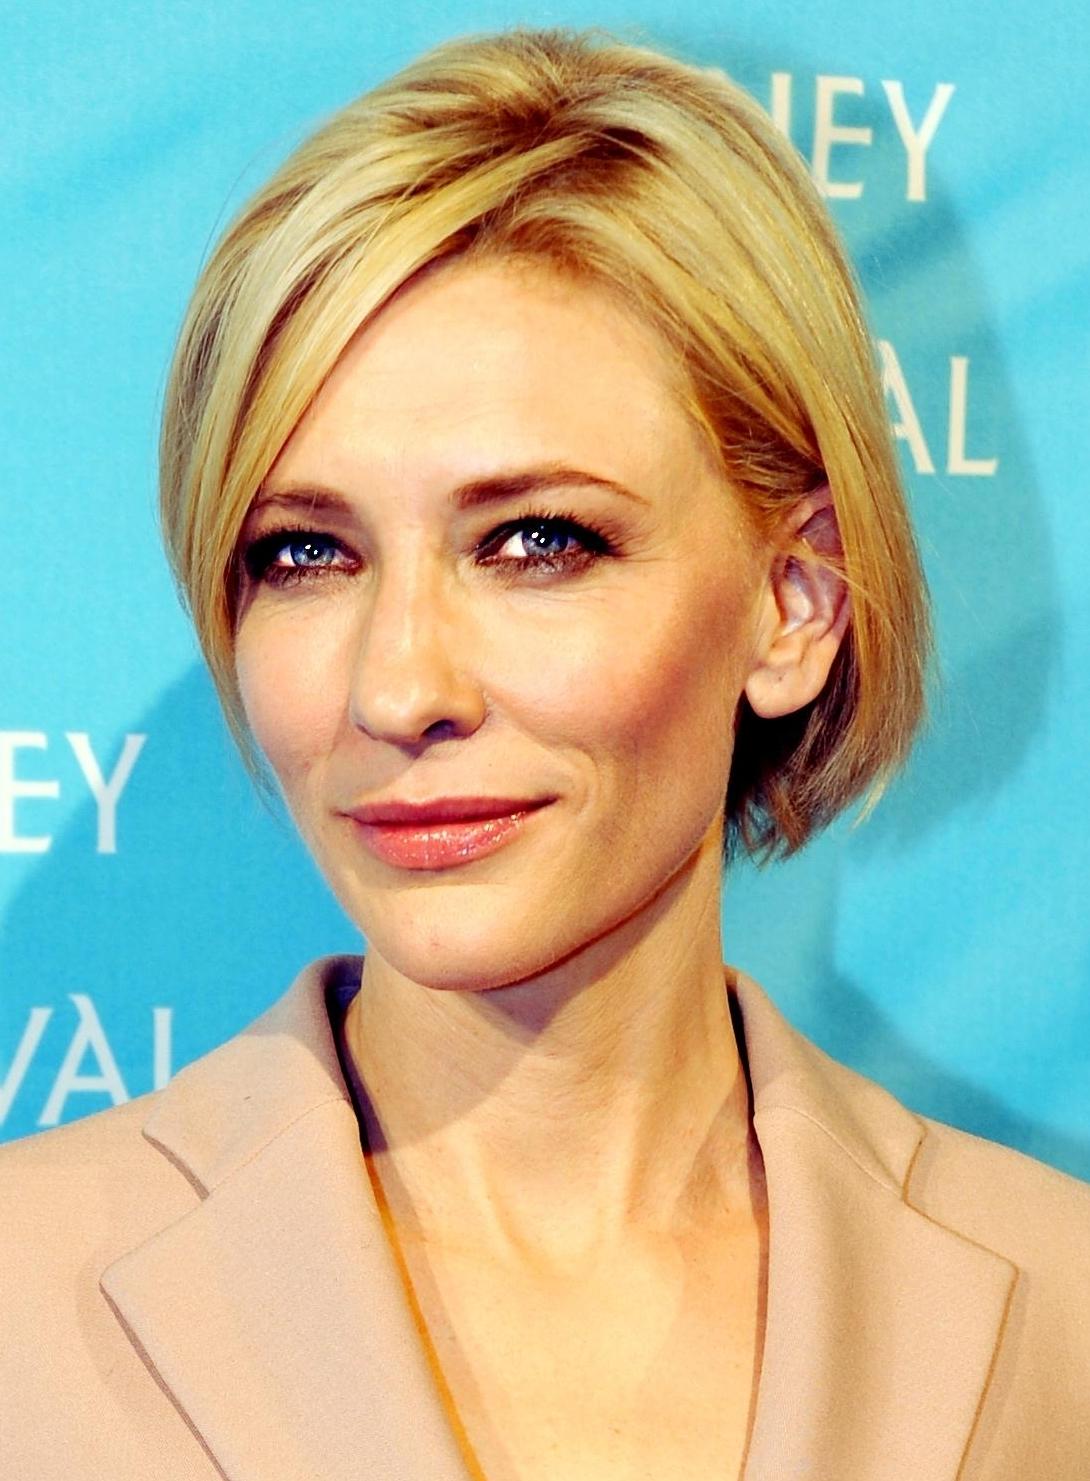 Cate_Blanchett_face_3.jpg